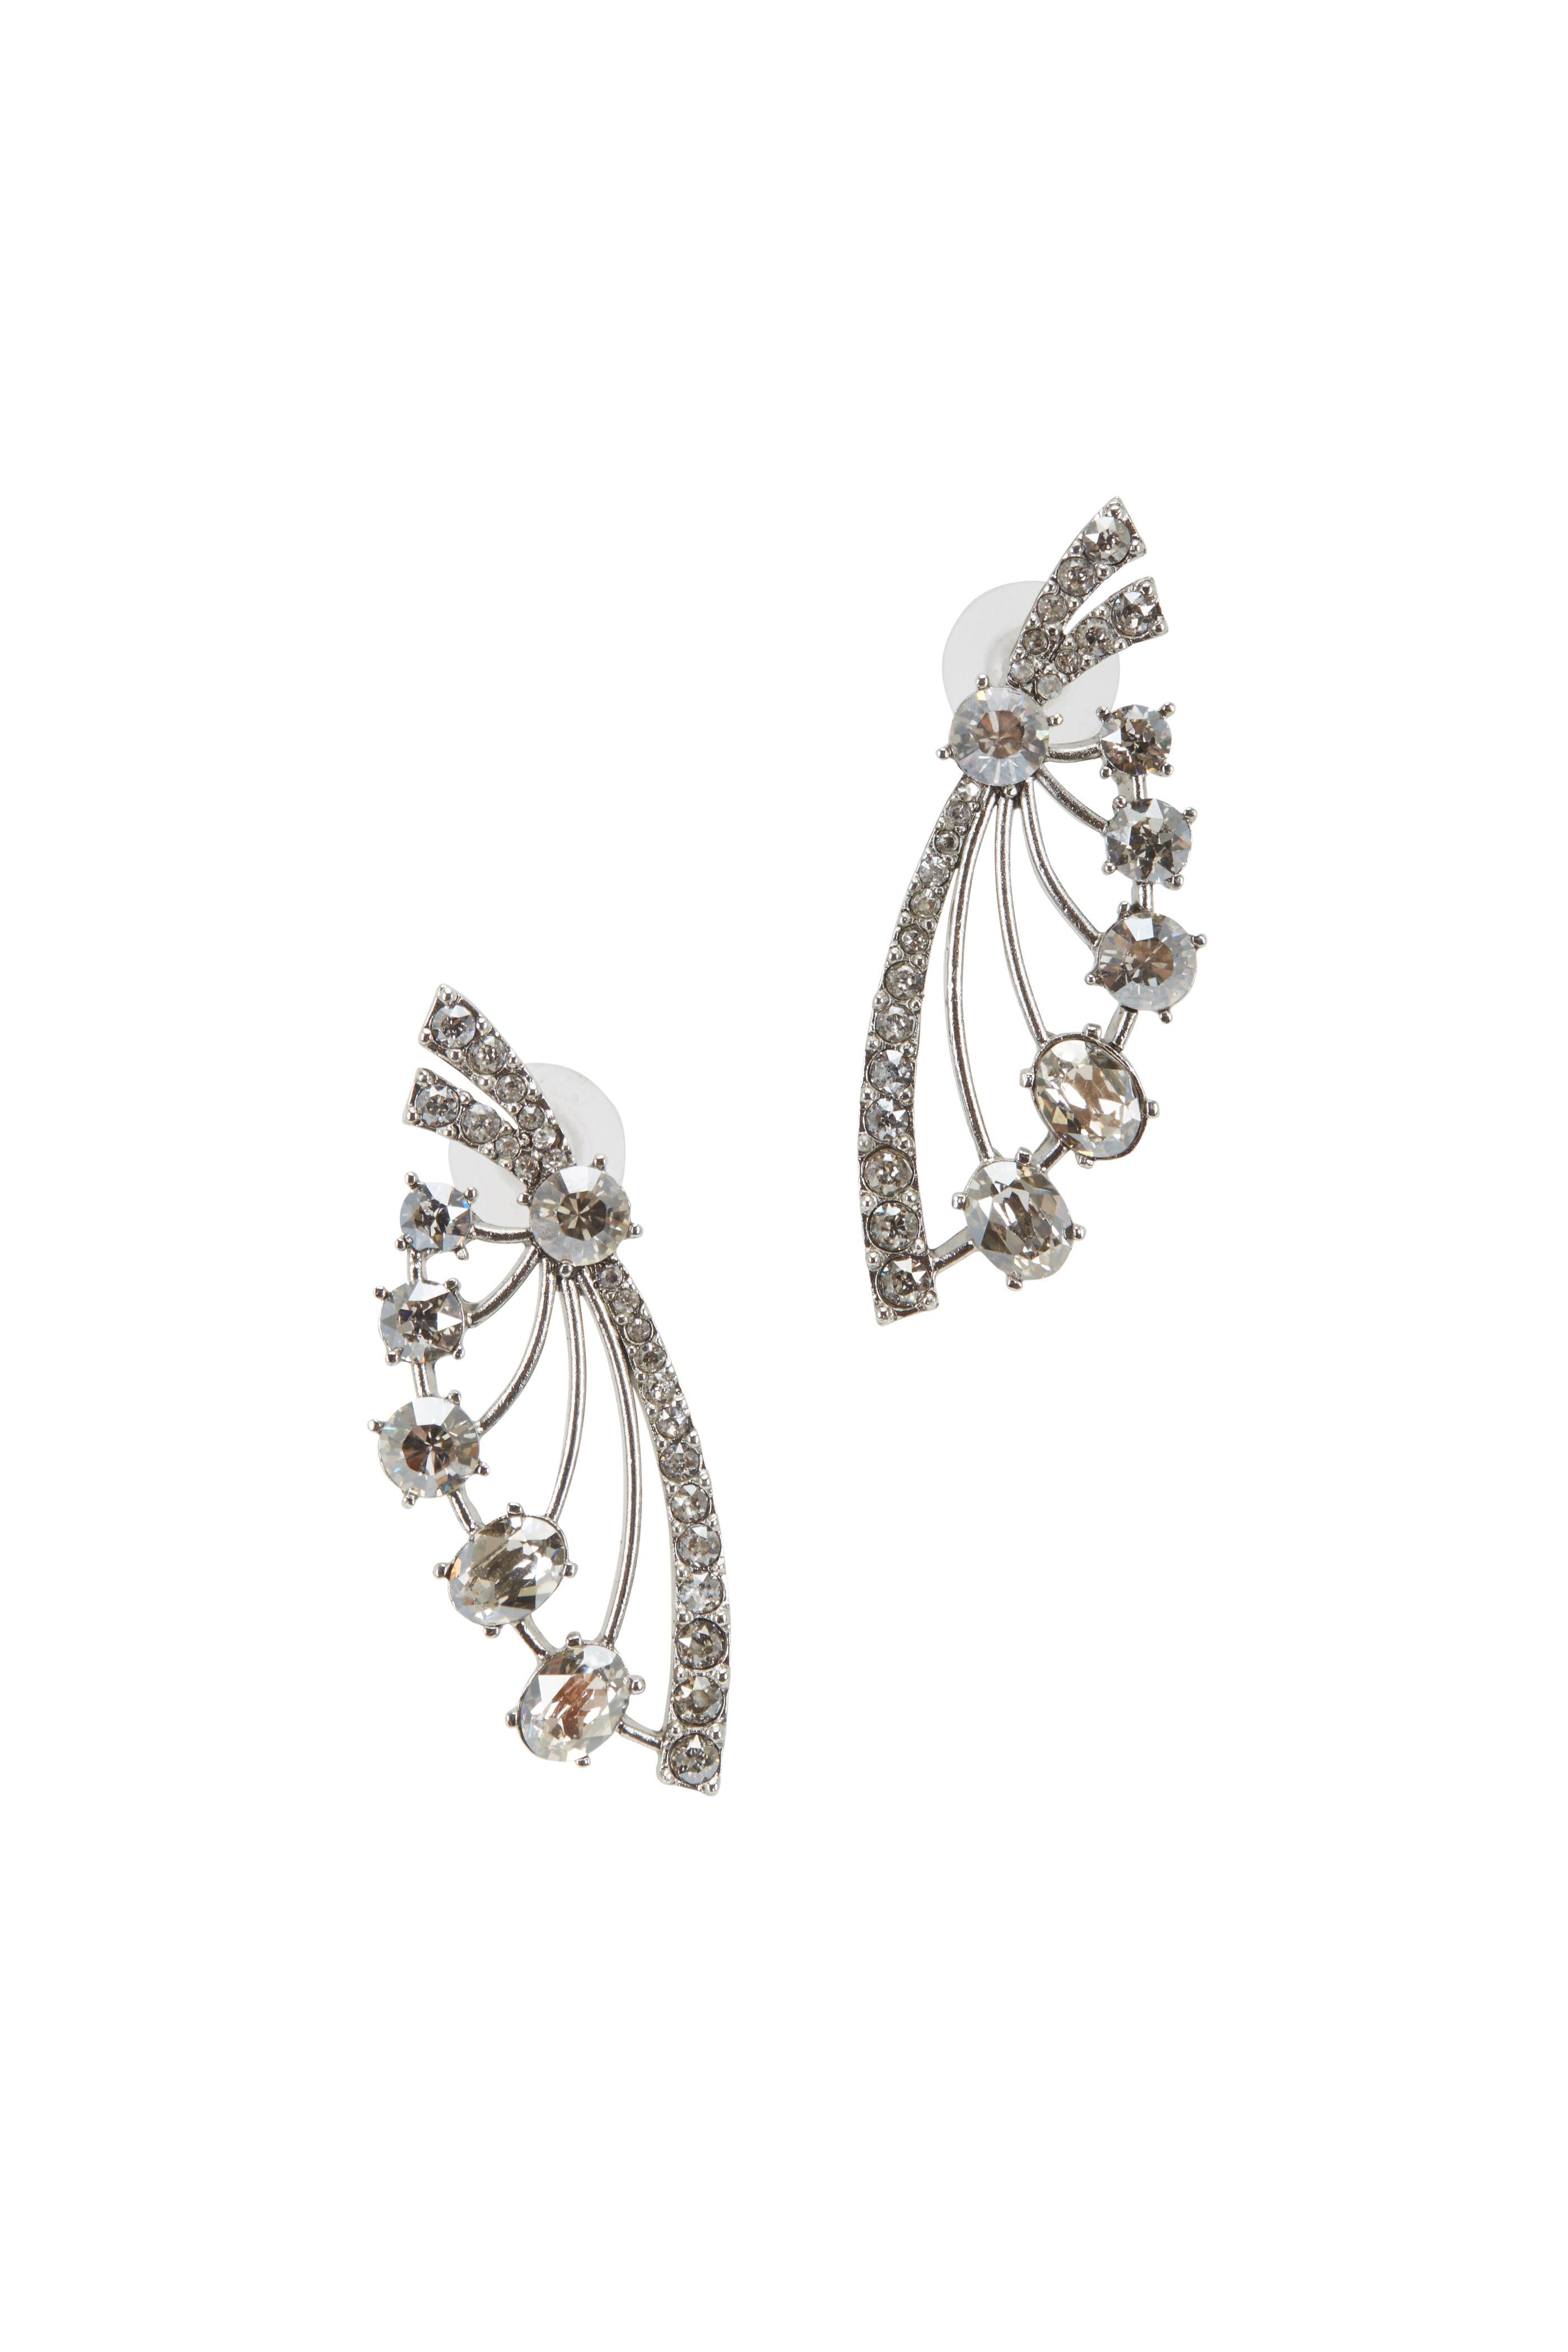 1d0518c97 Oscar de la Renta - Silver & Crystal Fan Earrings | Mitchell Stores